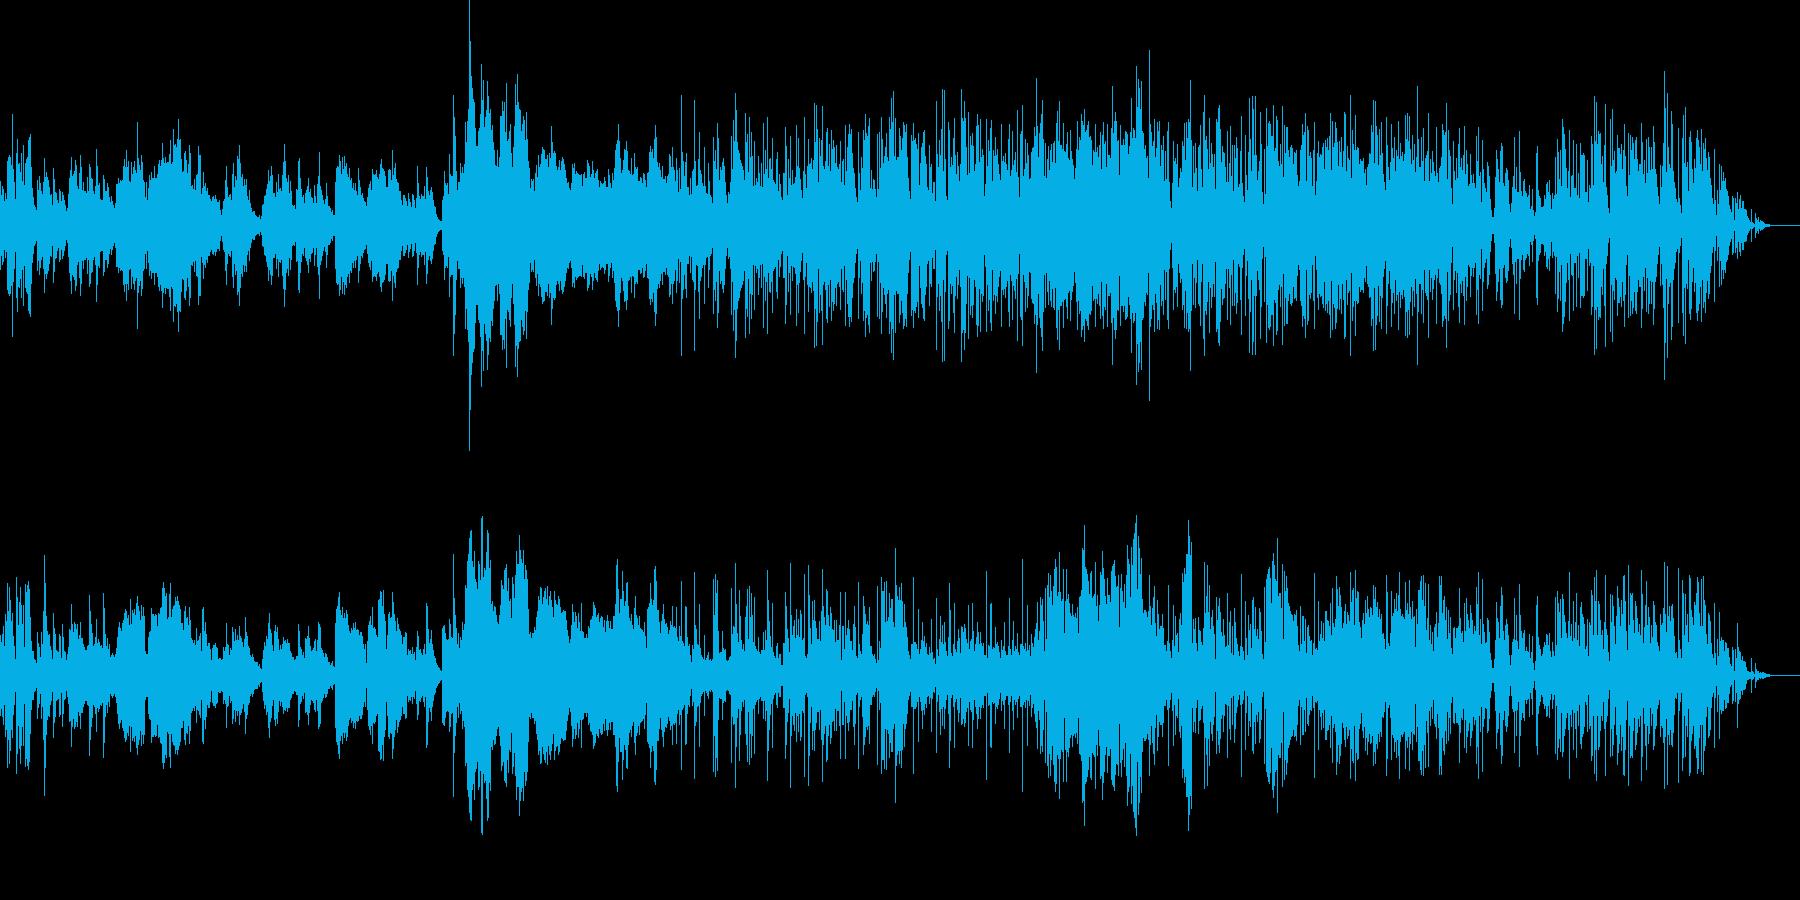 優しさ溢れる曲の再生済みの波形